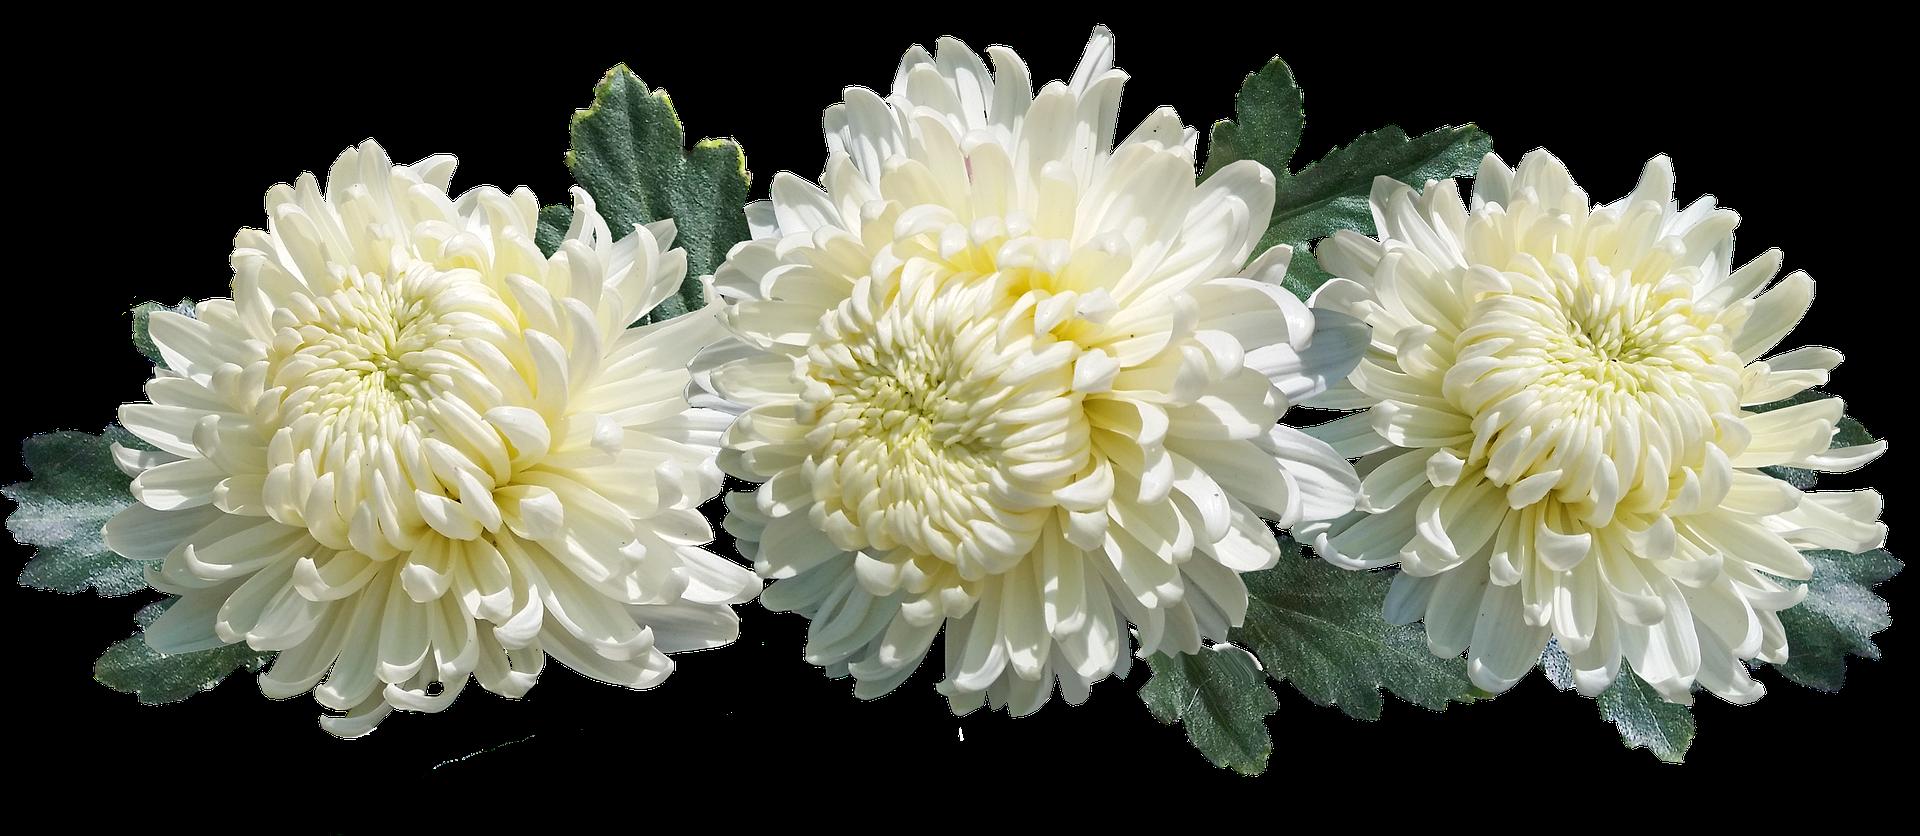 Elenco Nomi Fiori Bianchi.Che Fiori Portare Al Cimitero Quale Tipologia Floreale E Piu